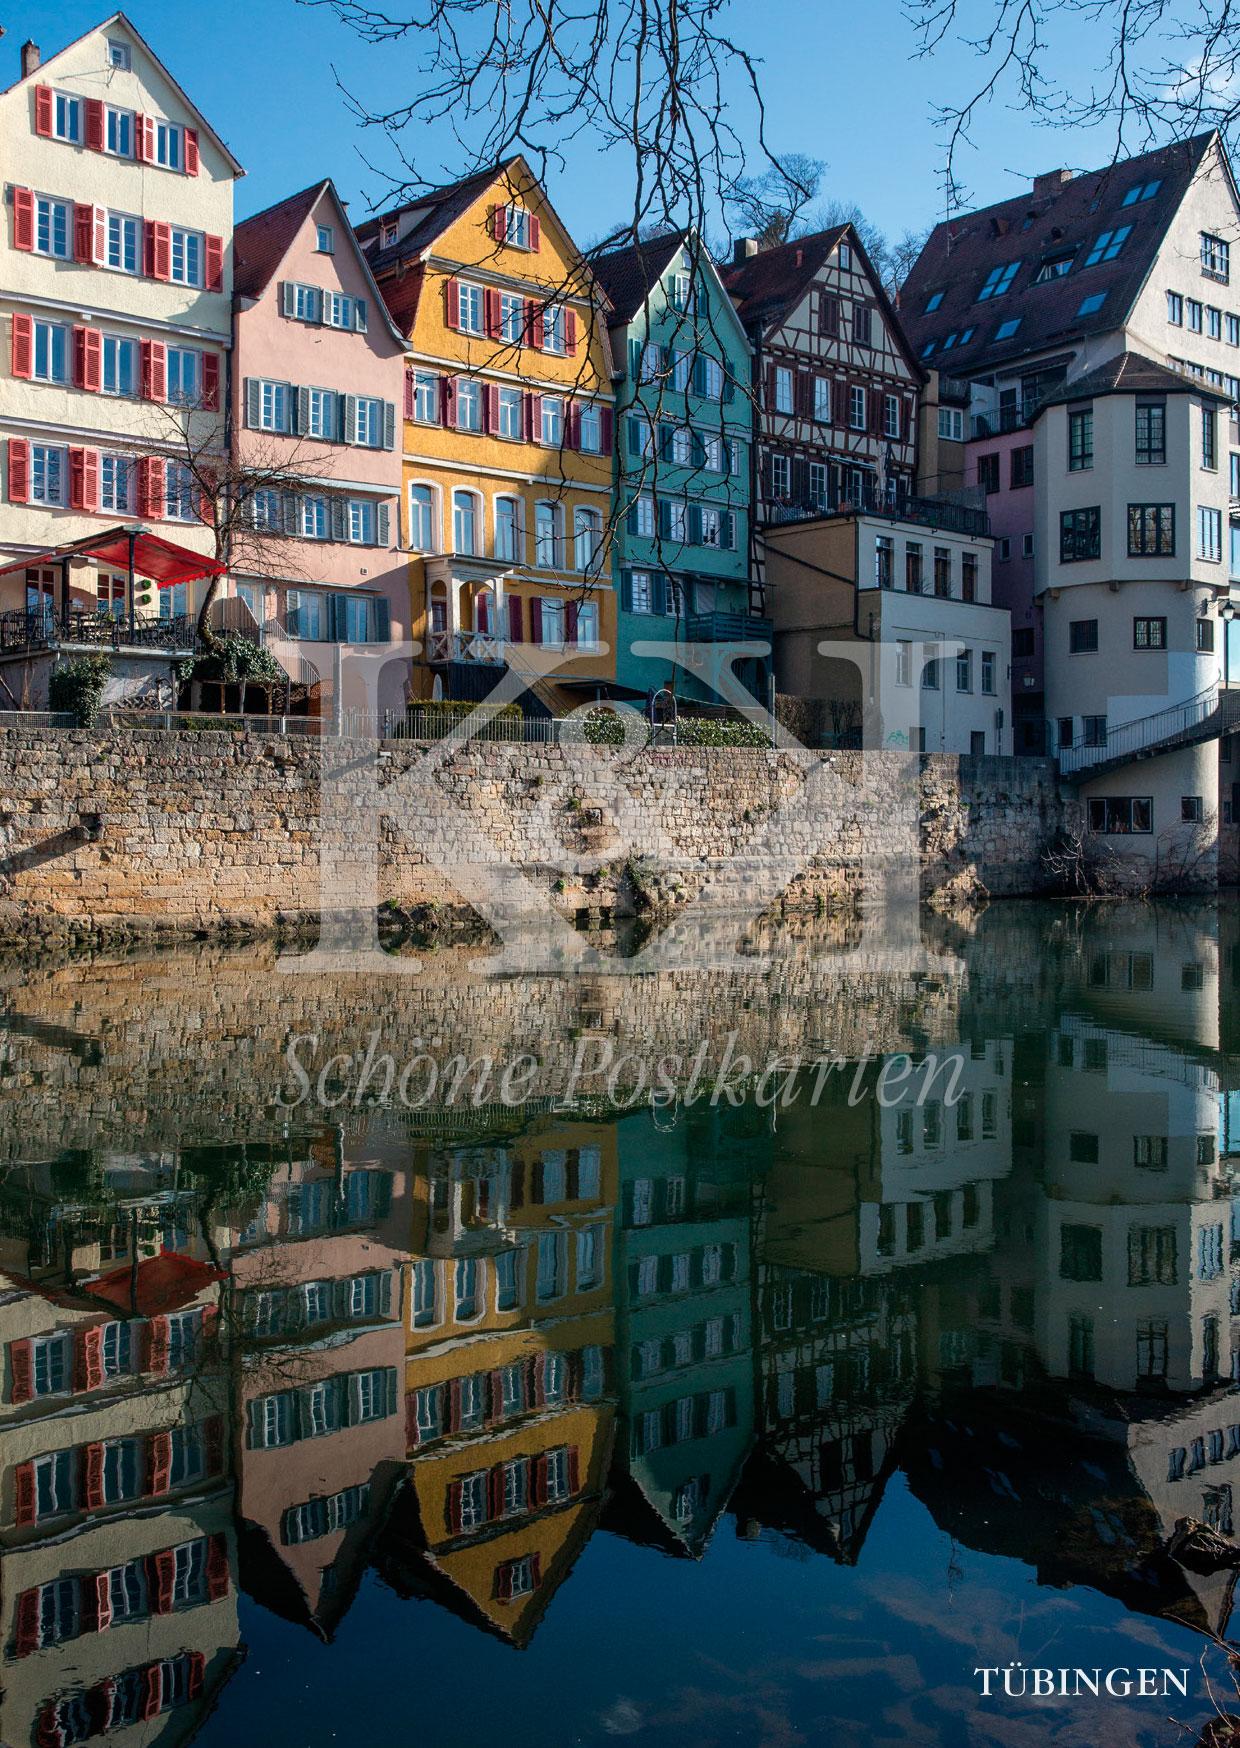 <strong>Schöne Postkarte Nr. 242</strong> · Teil der Neckarfront in Tübingen © 2018